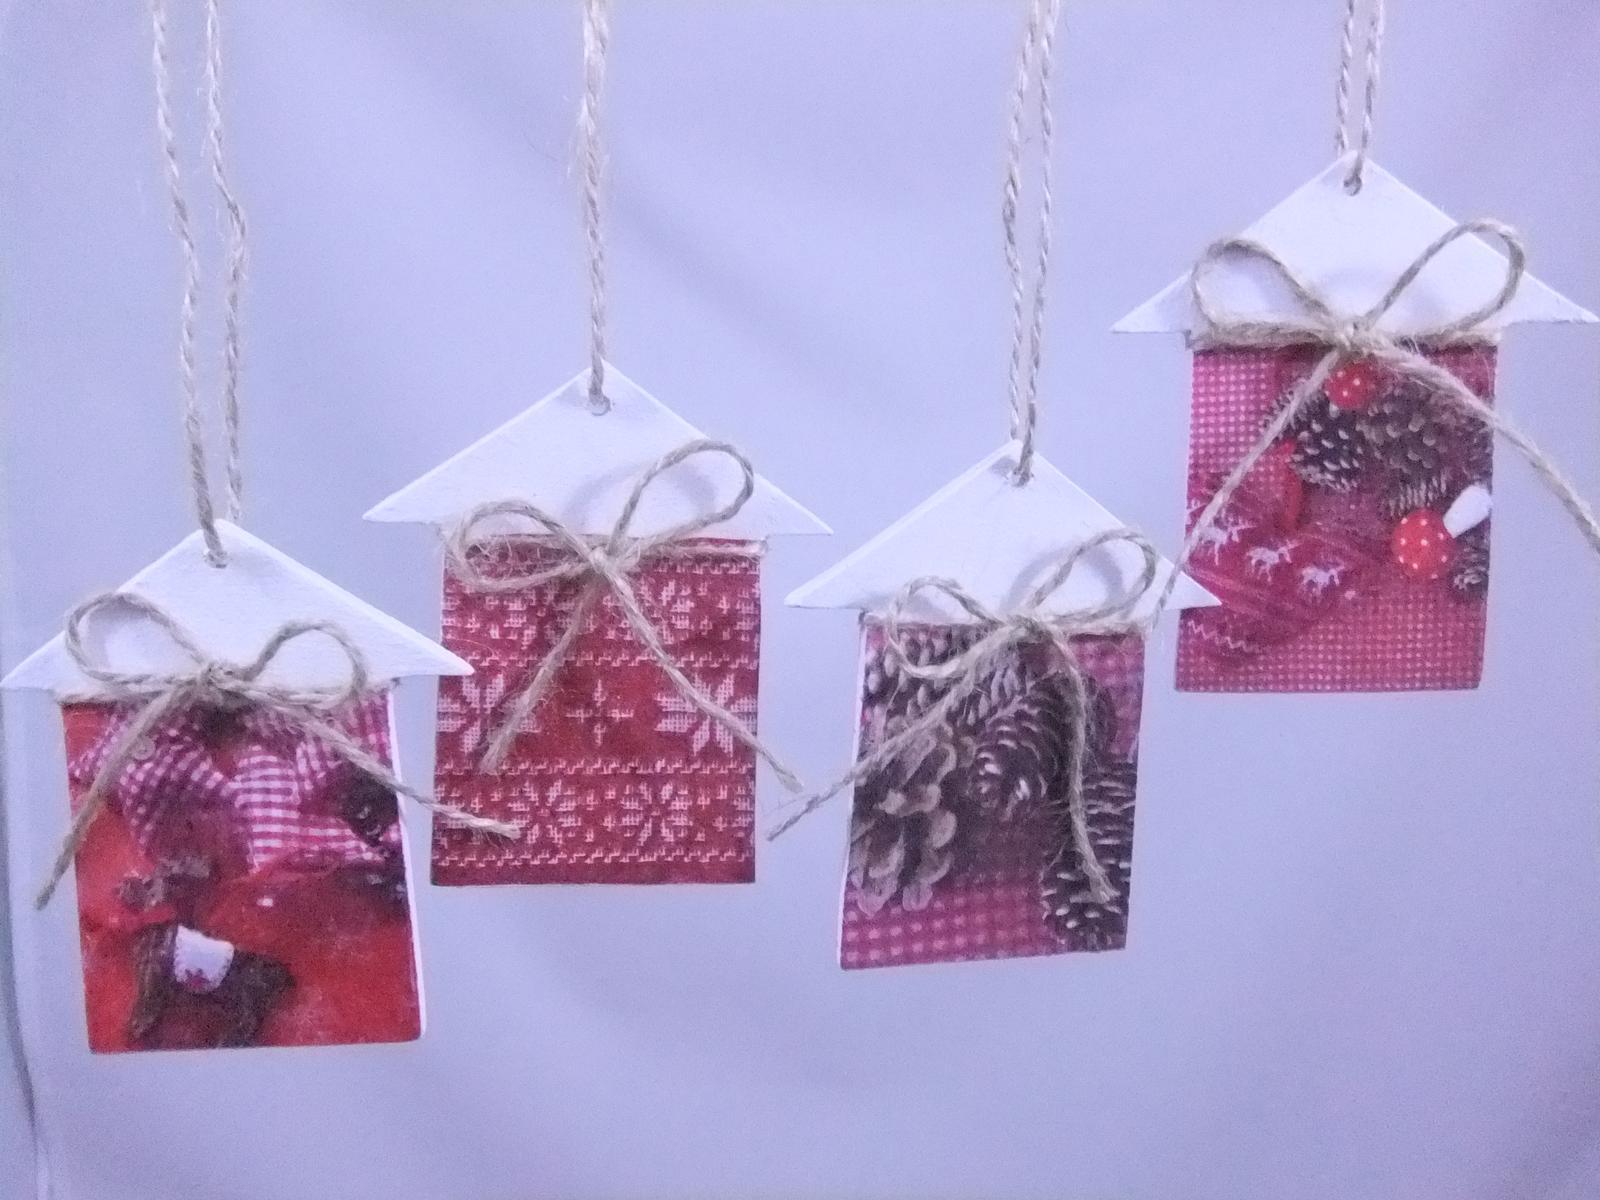 Vianočné domčeky,cena spolu za 4ks s poštovným - Obrázok č. 2